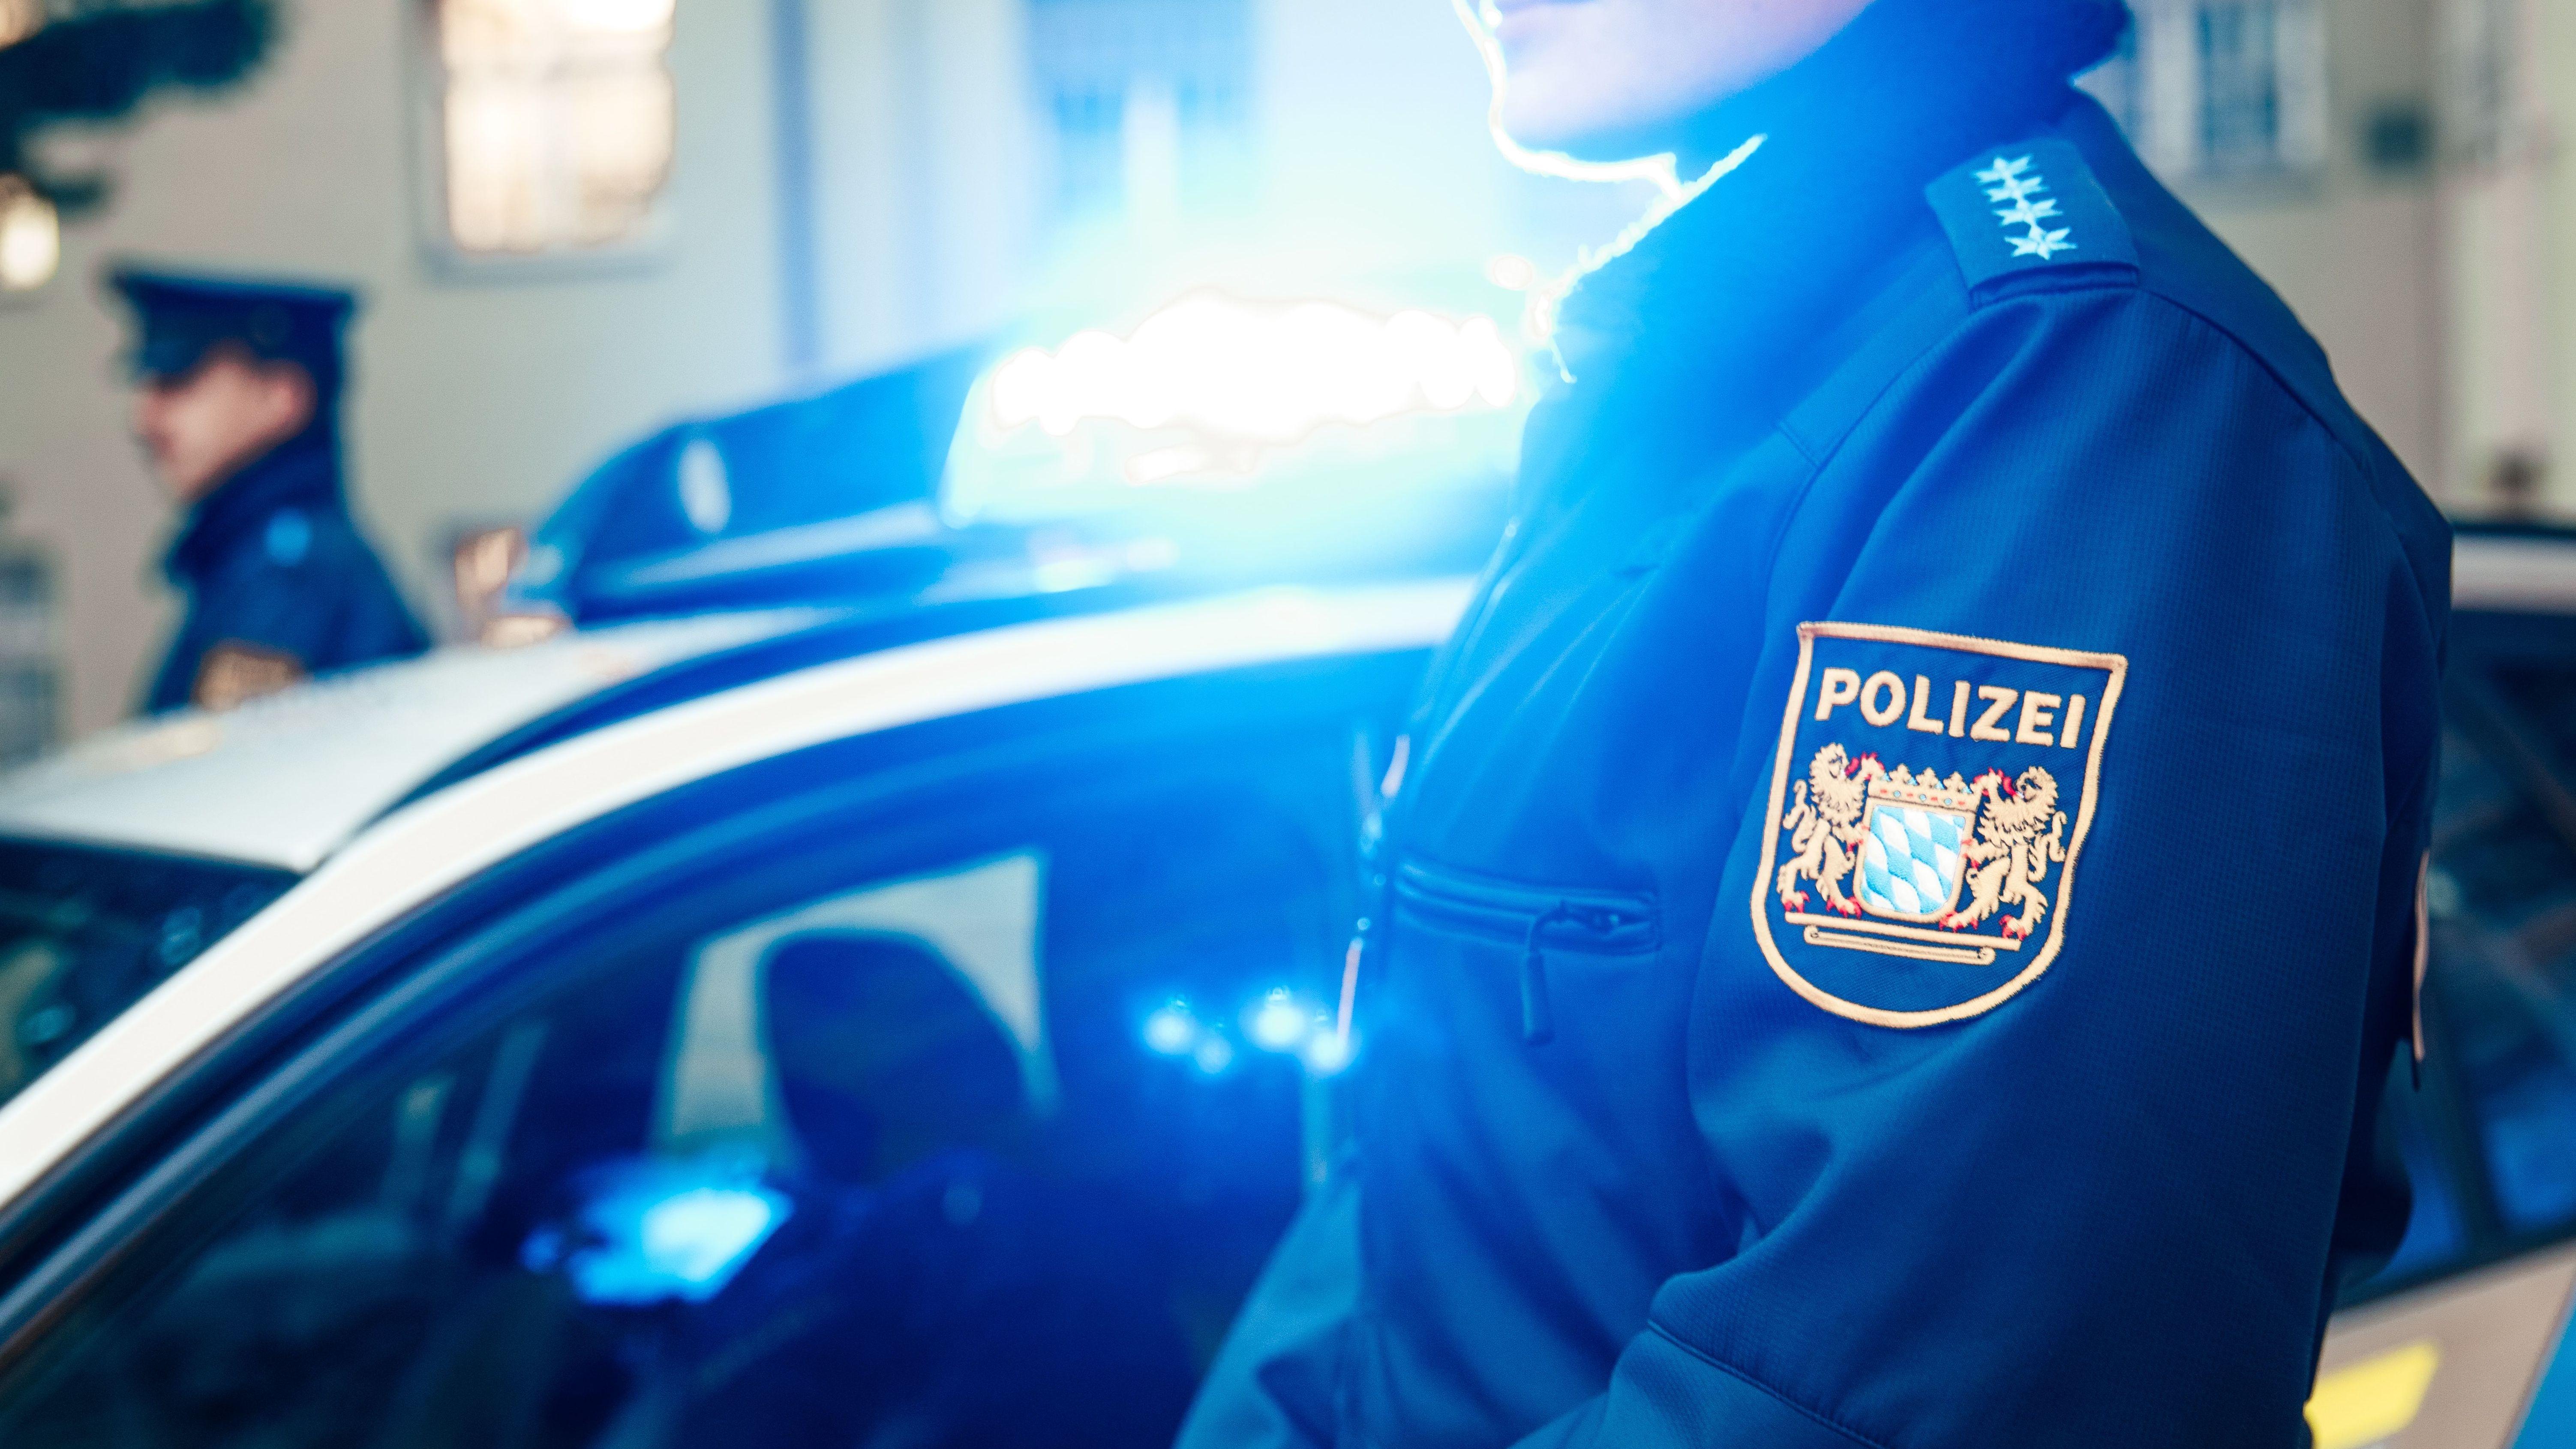 Ein Polizeibeamter steht vor einem Einsatzwagen mit eingeschaltetem Blaulicht.